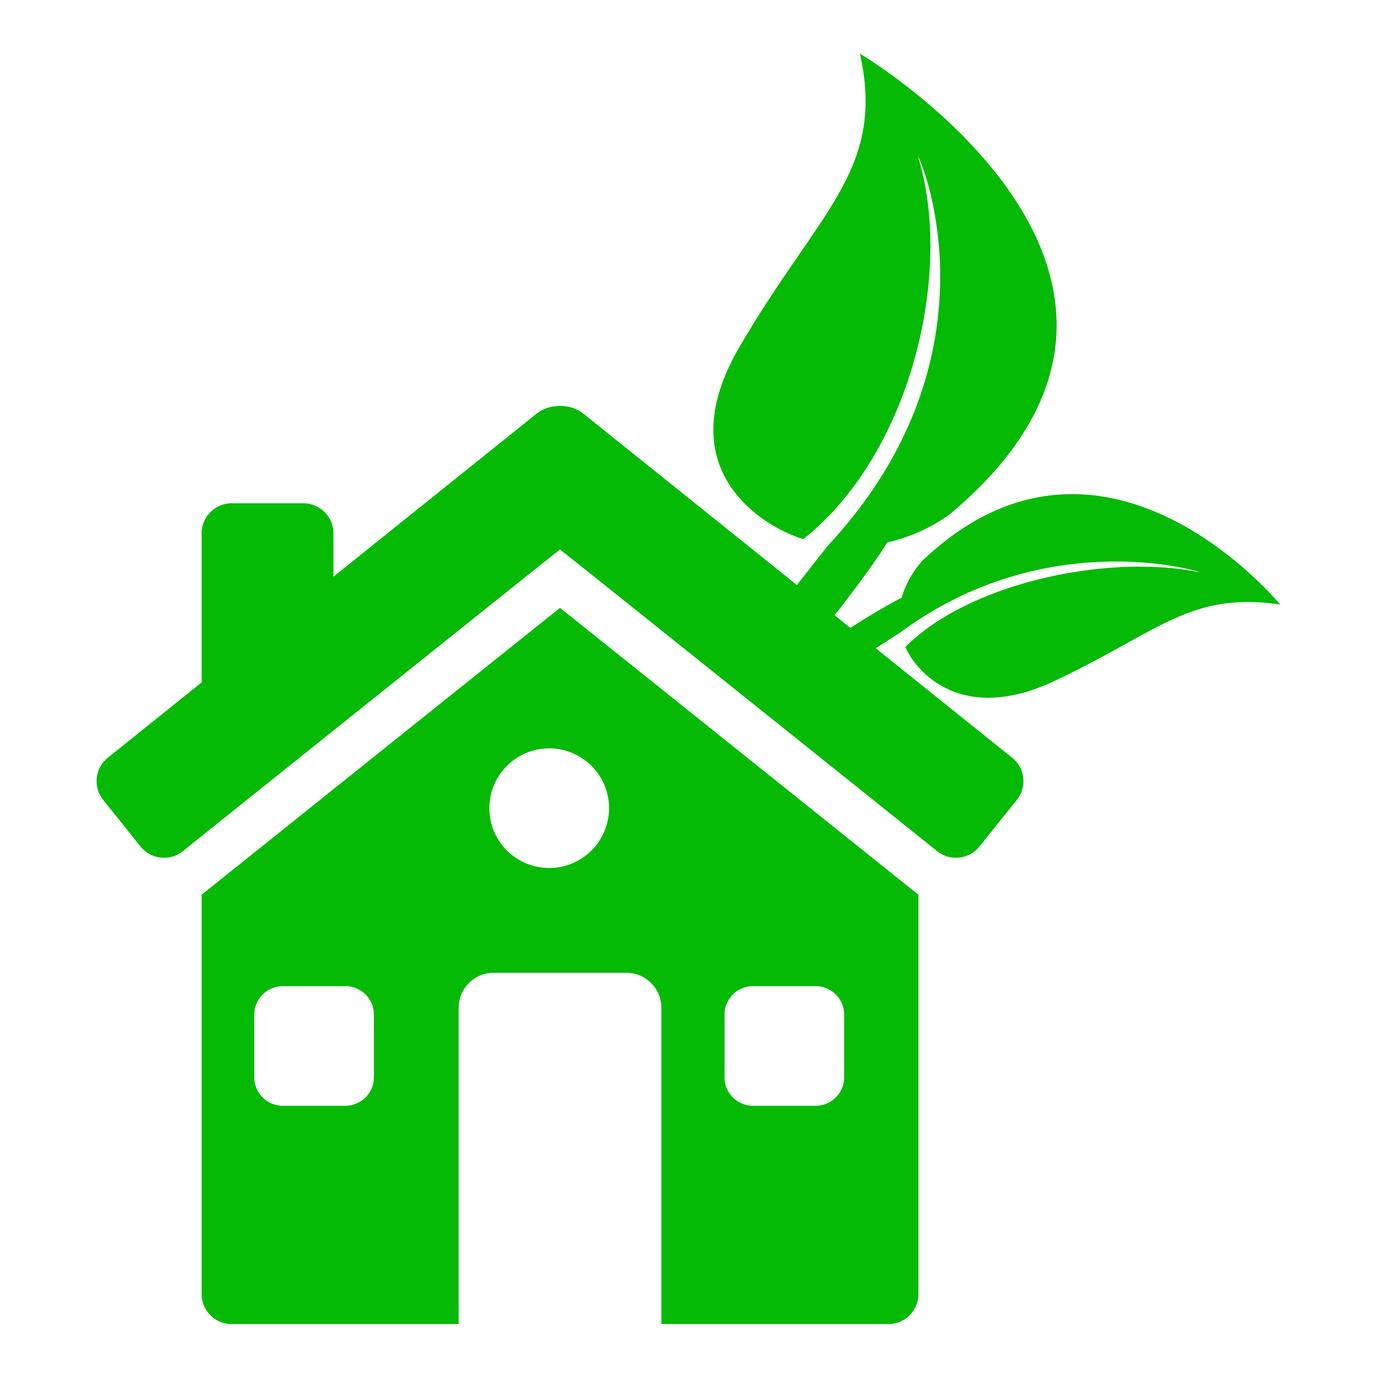 E Rhino Property Management Sustainable Property M...